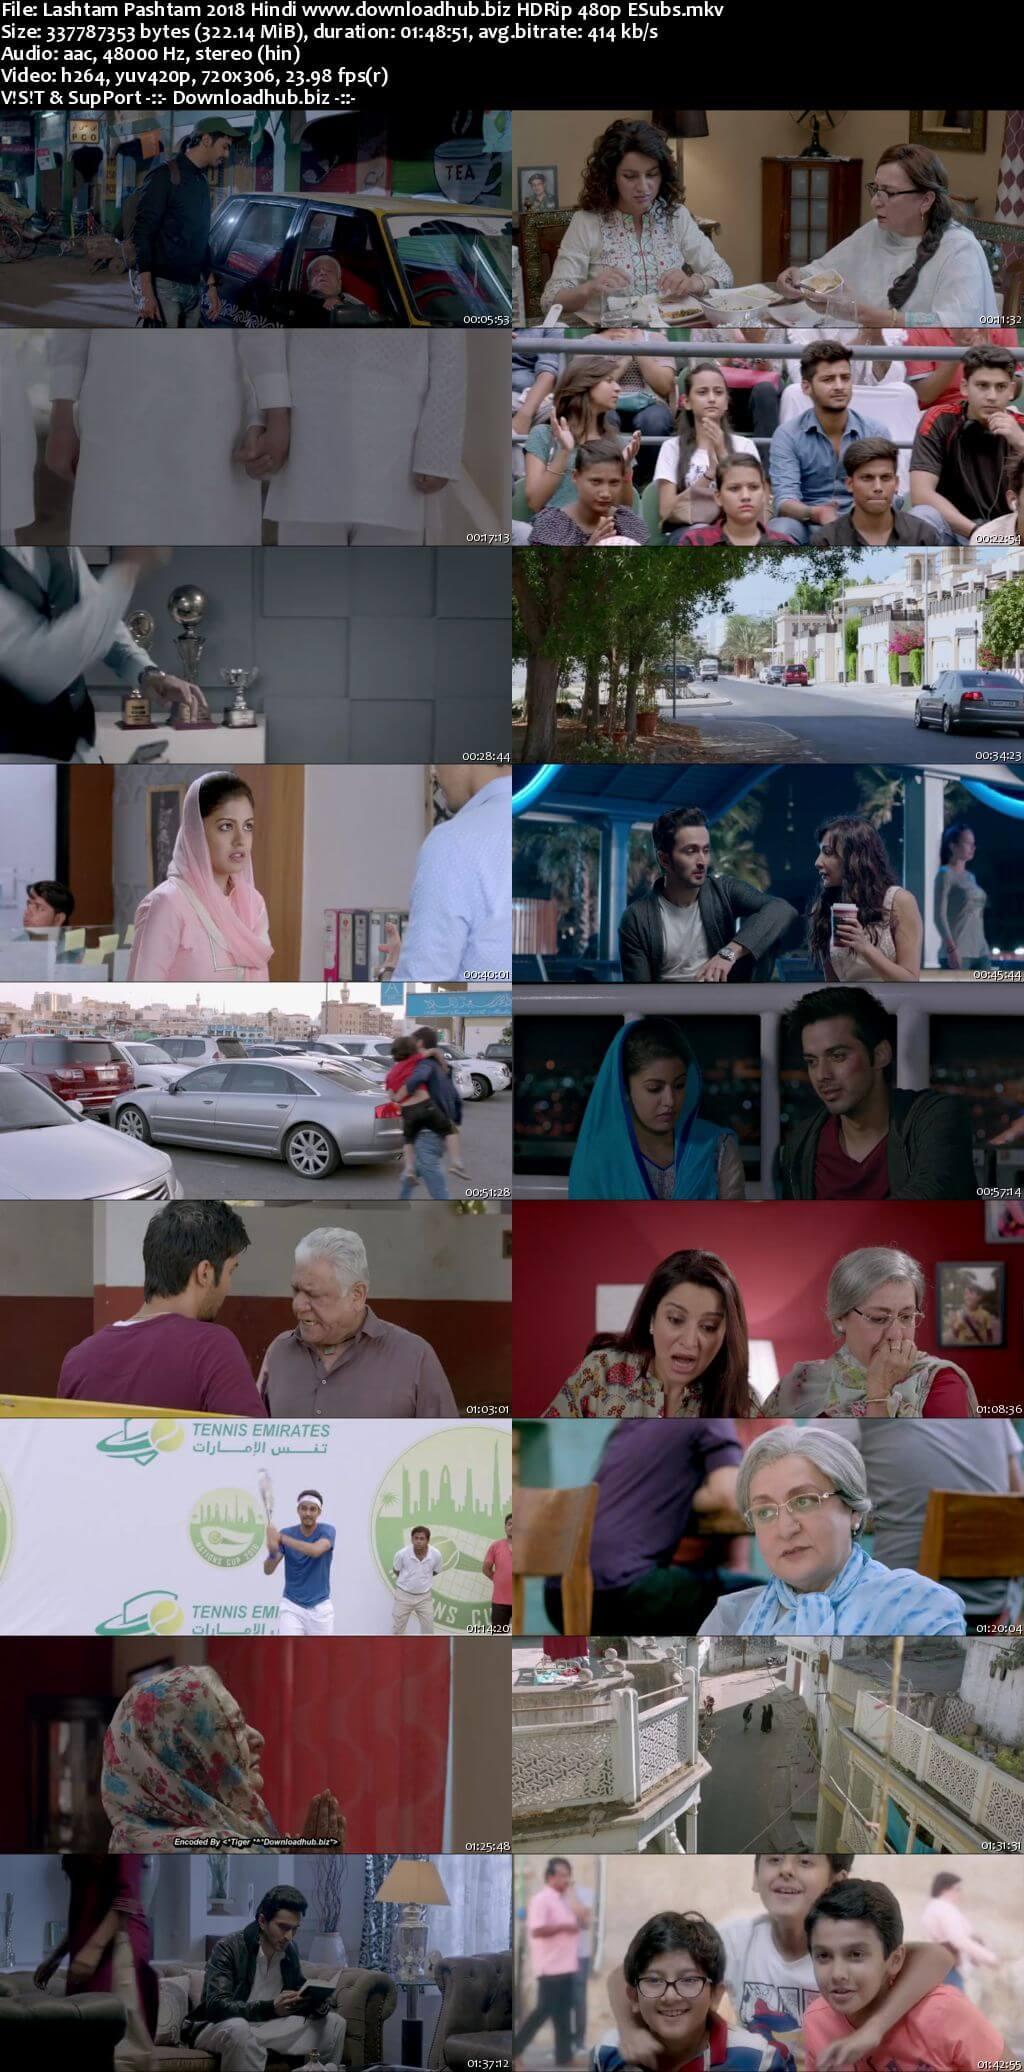 Lashtam Pashtam 2018 Hindi 300MB HDRip 480p ESubs